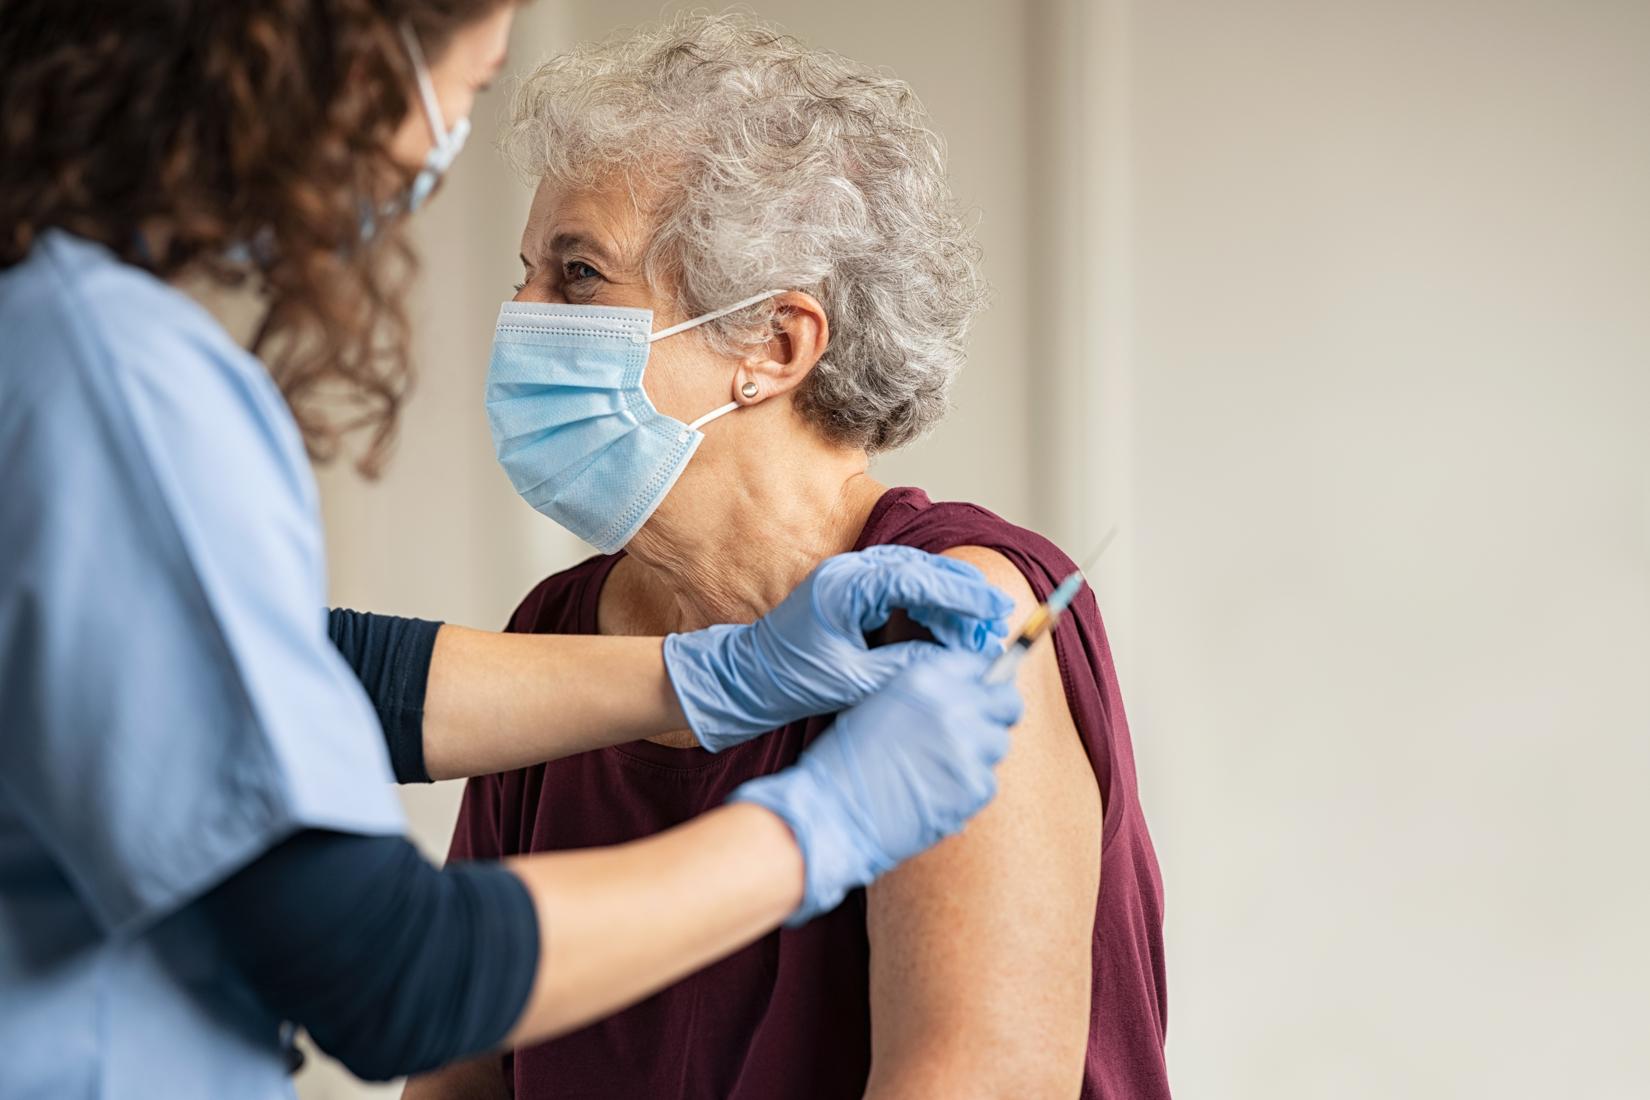 Es falso que la vacuna contra covid-19 cambiará el ADN humano